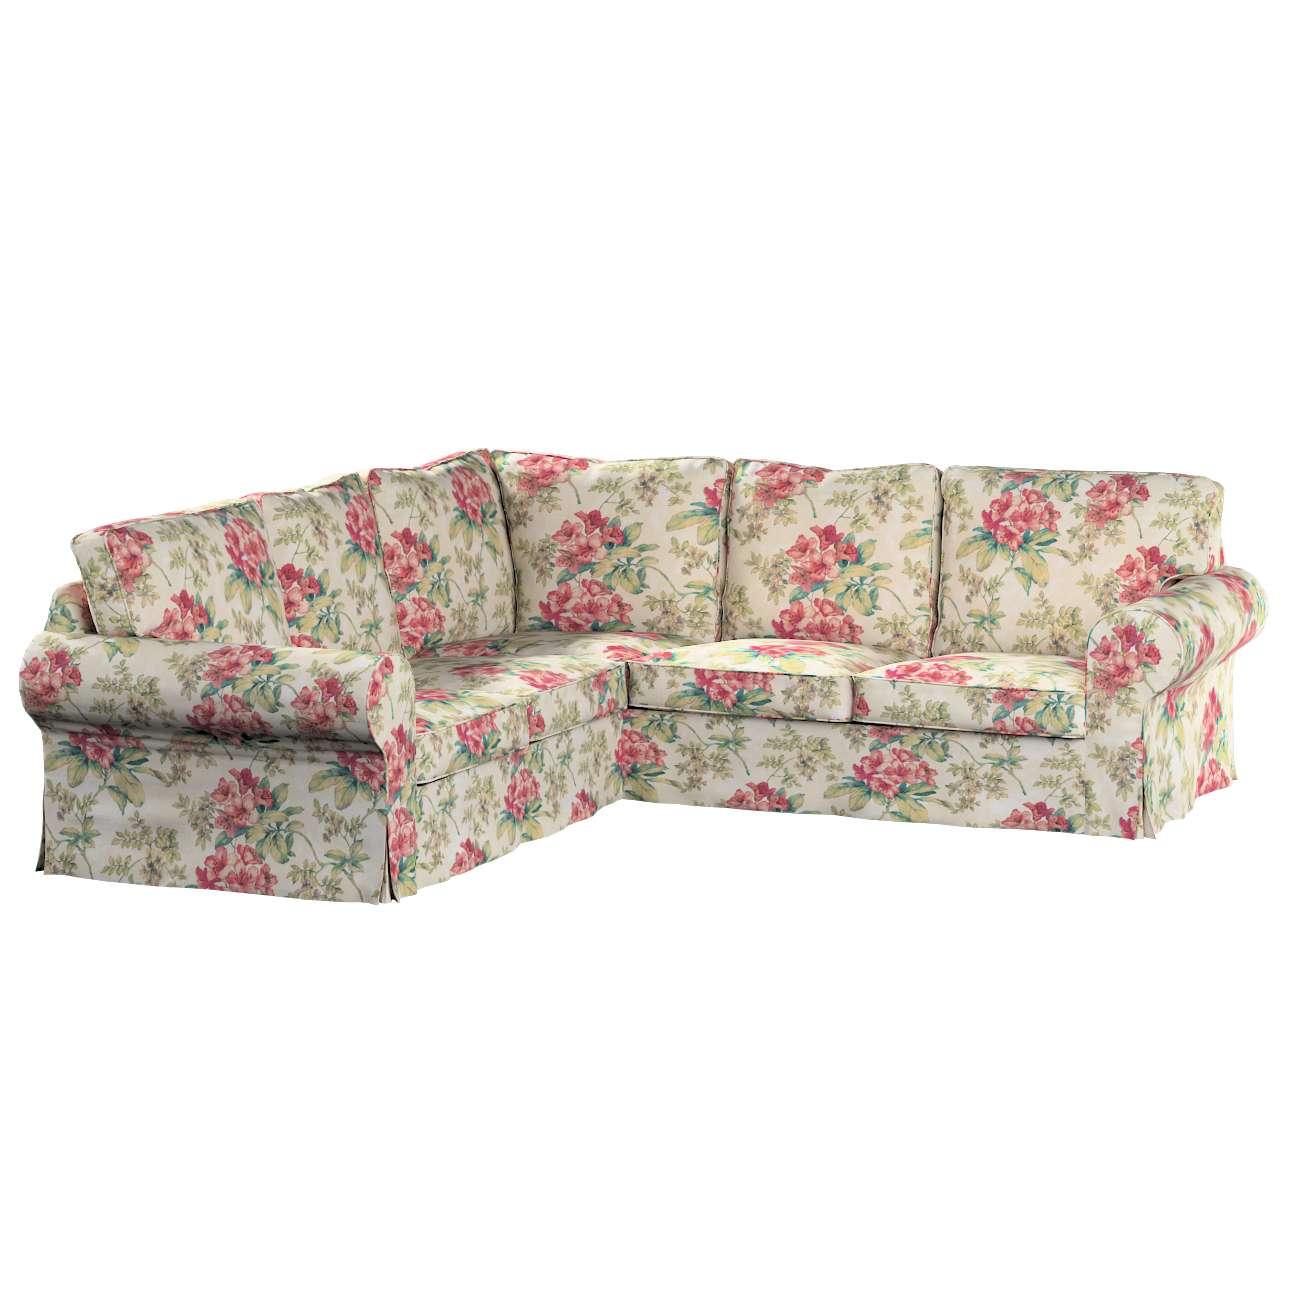 Pokrowiec na sofę narożną Ektorp w kolekcji Londres, tkanina: 143-40